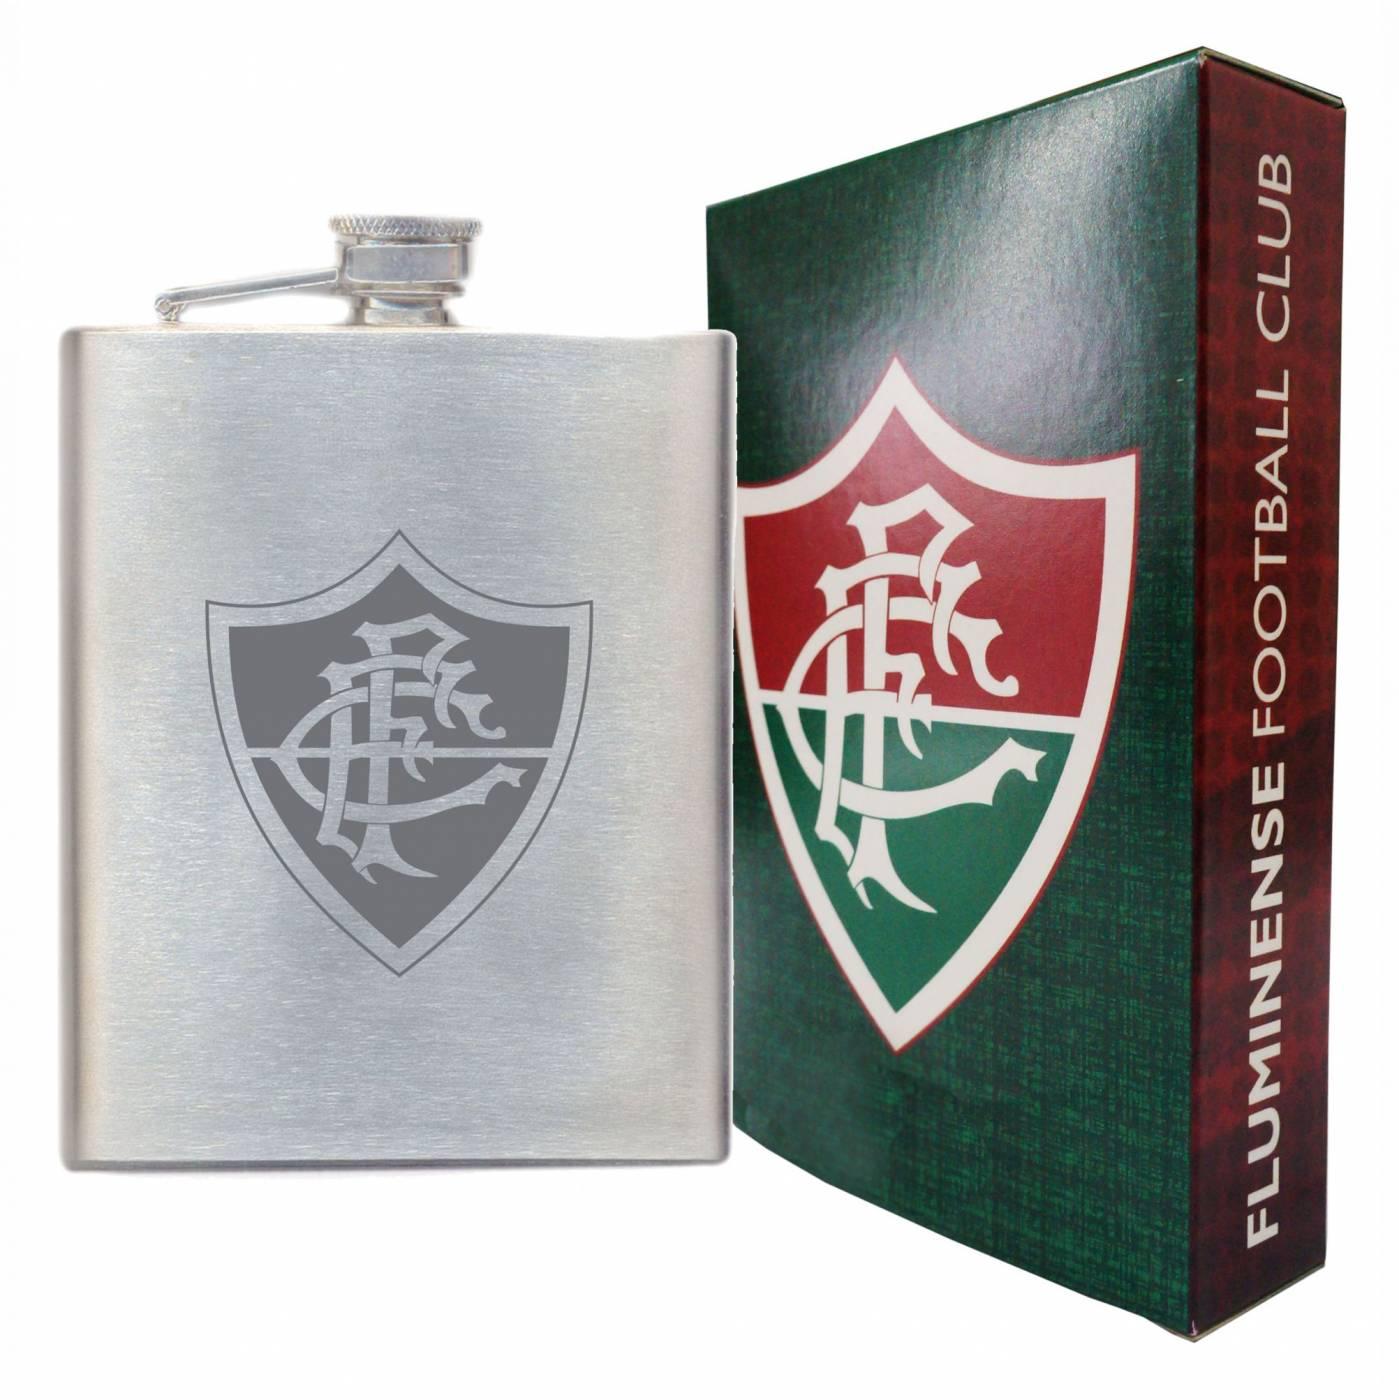 Cantil Fluminense escudo